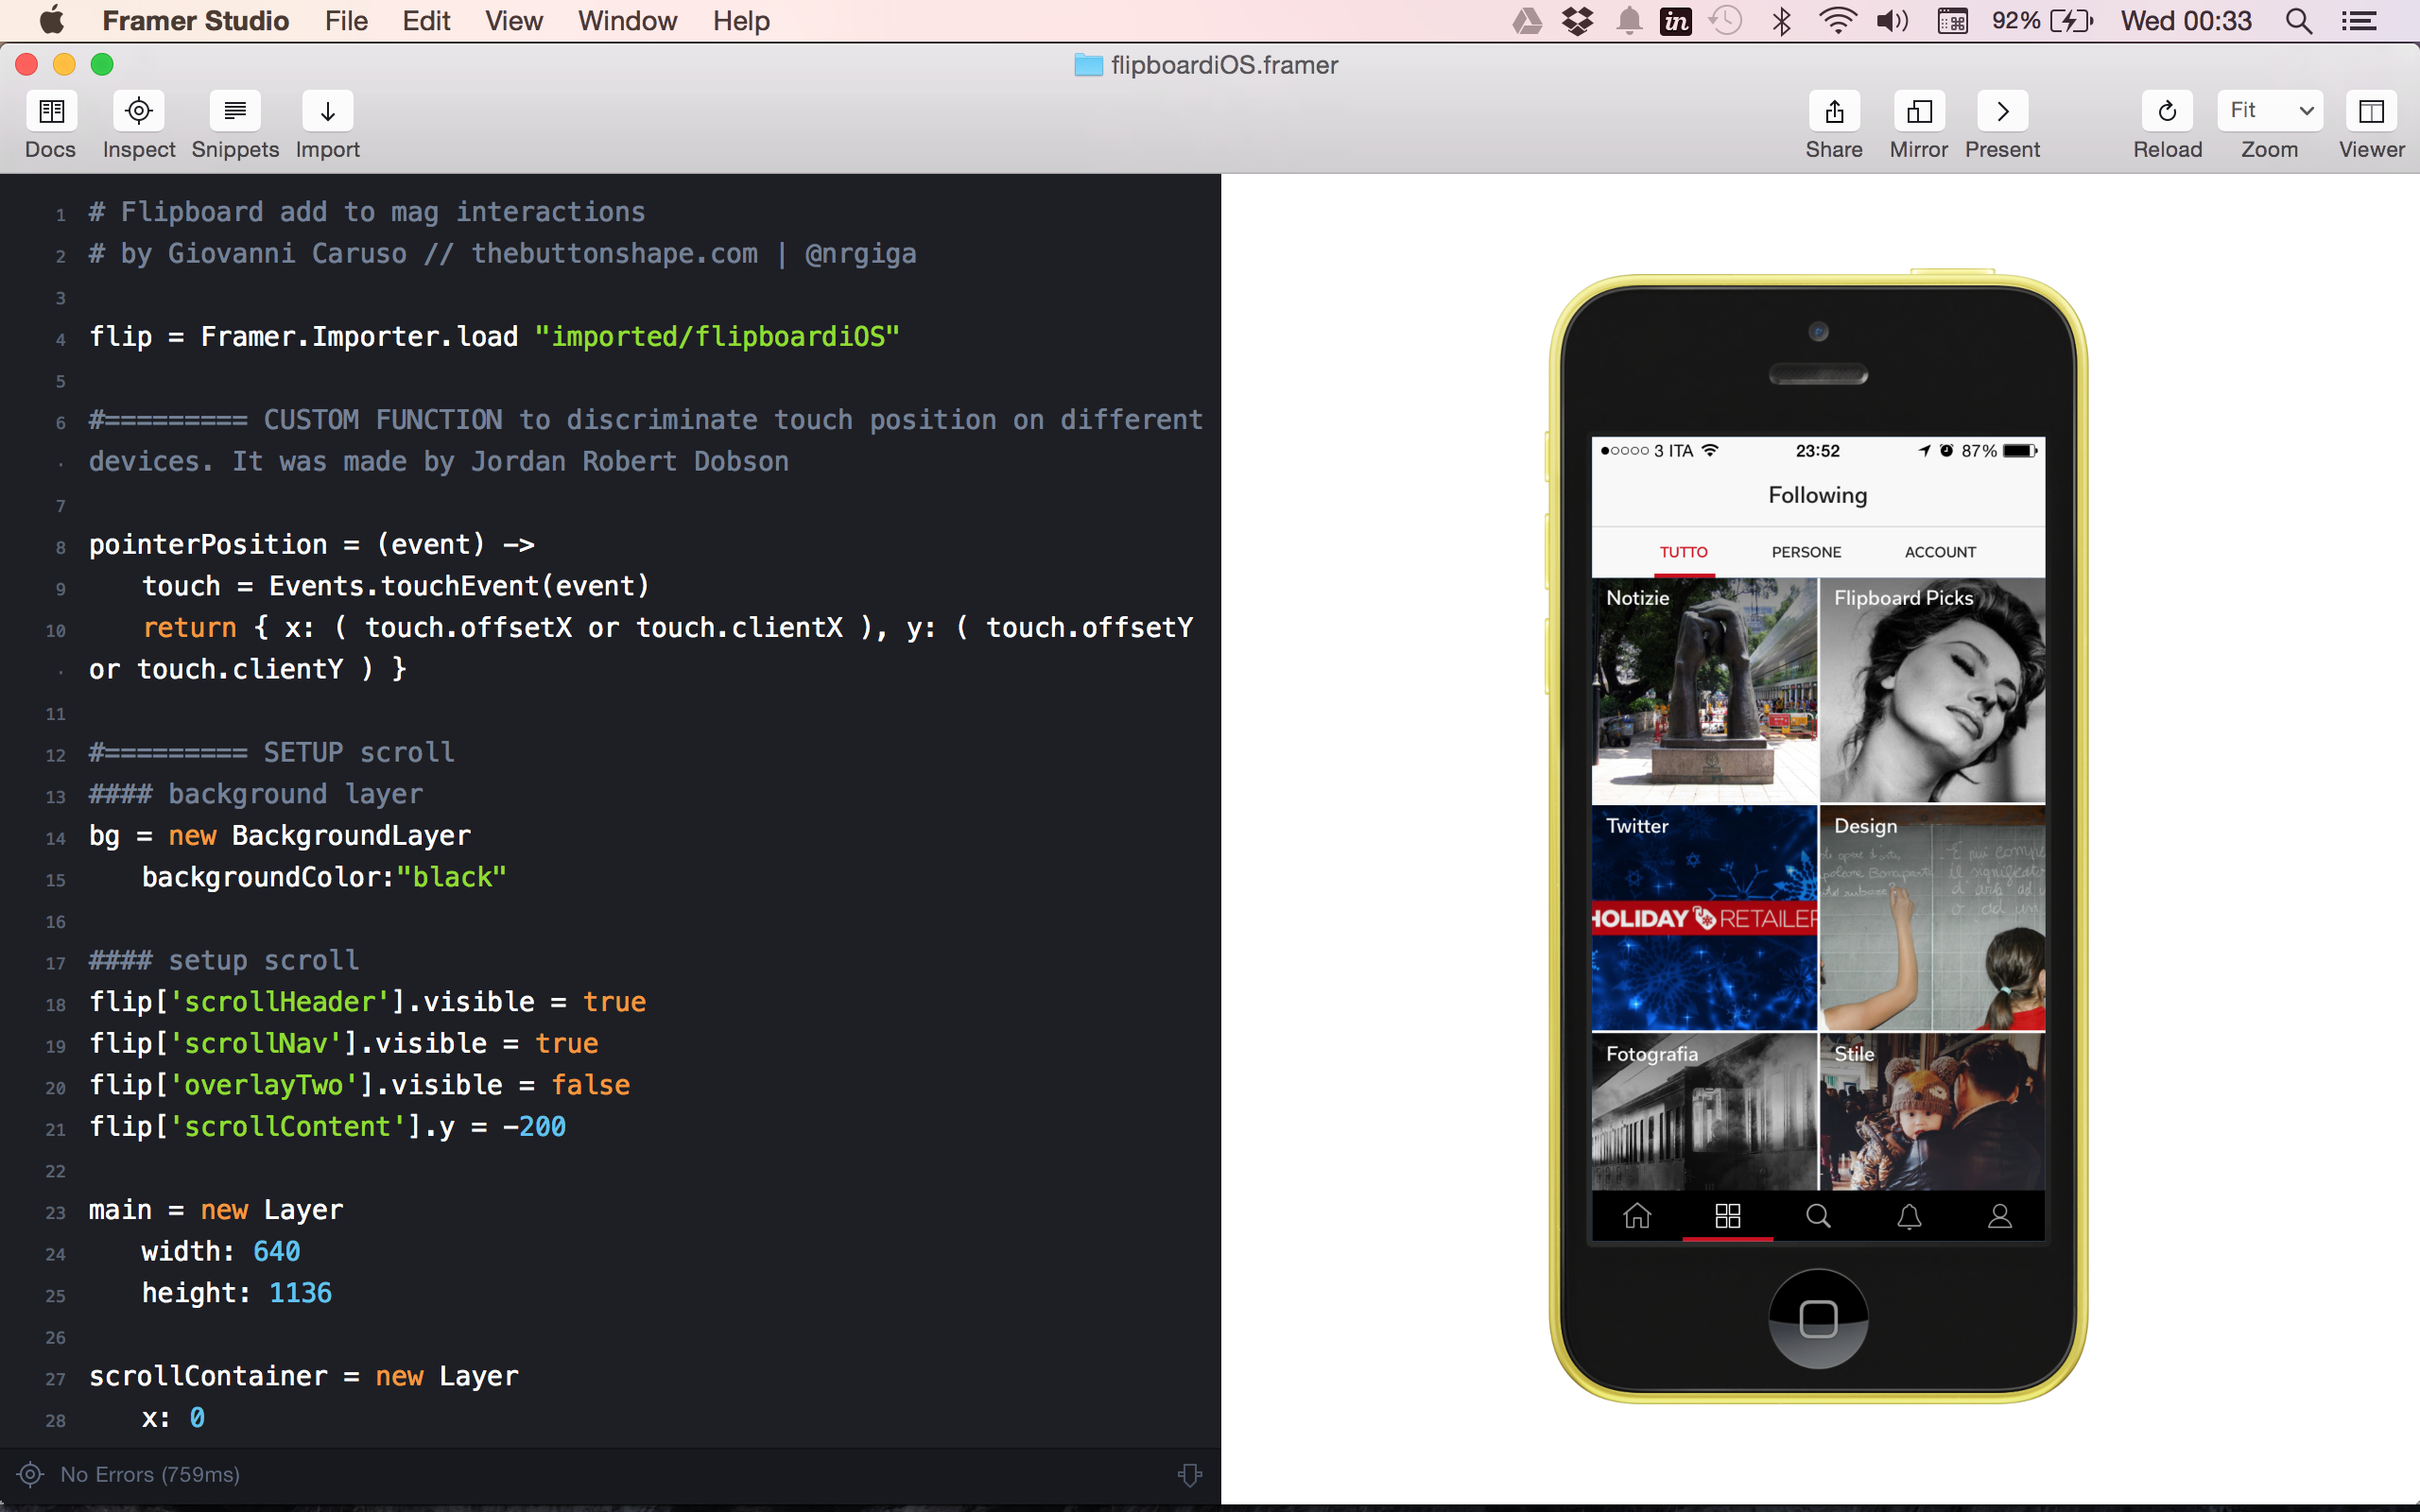 Framer Studio Mac